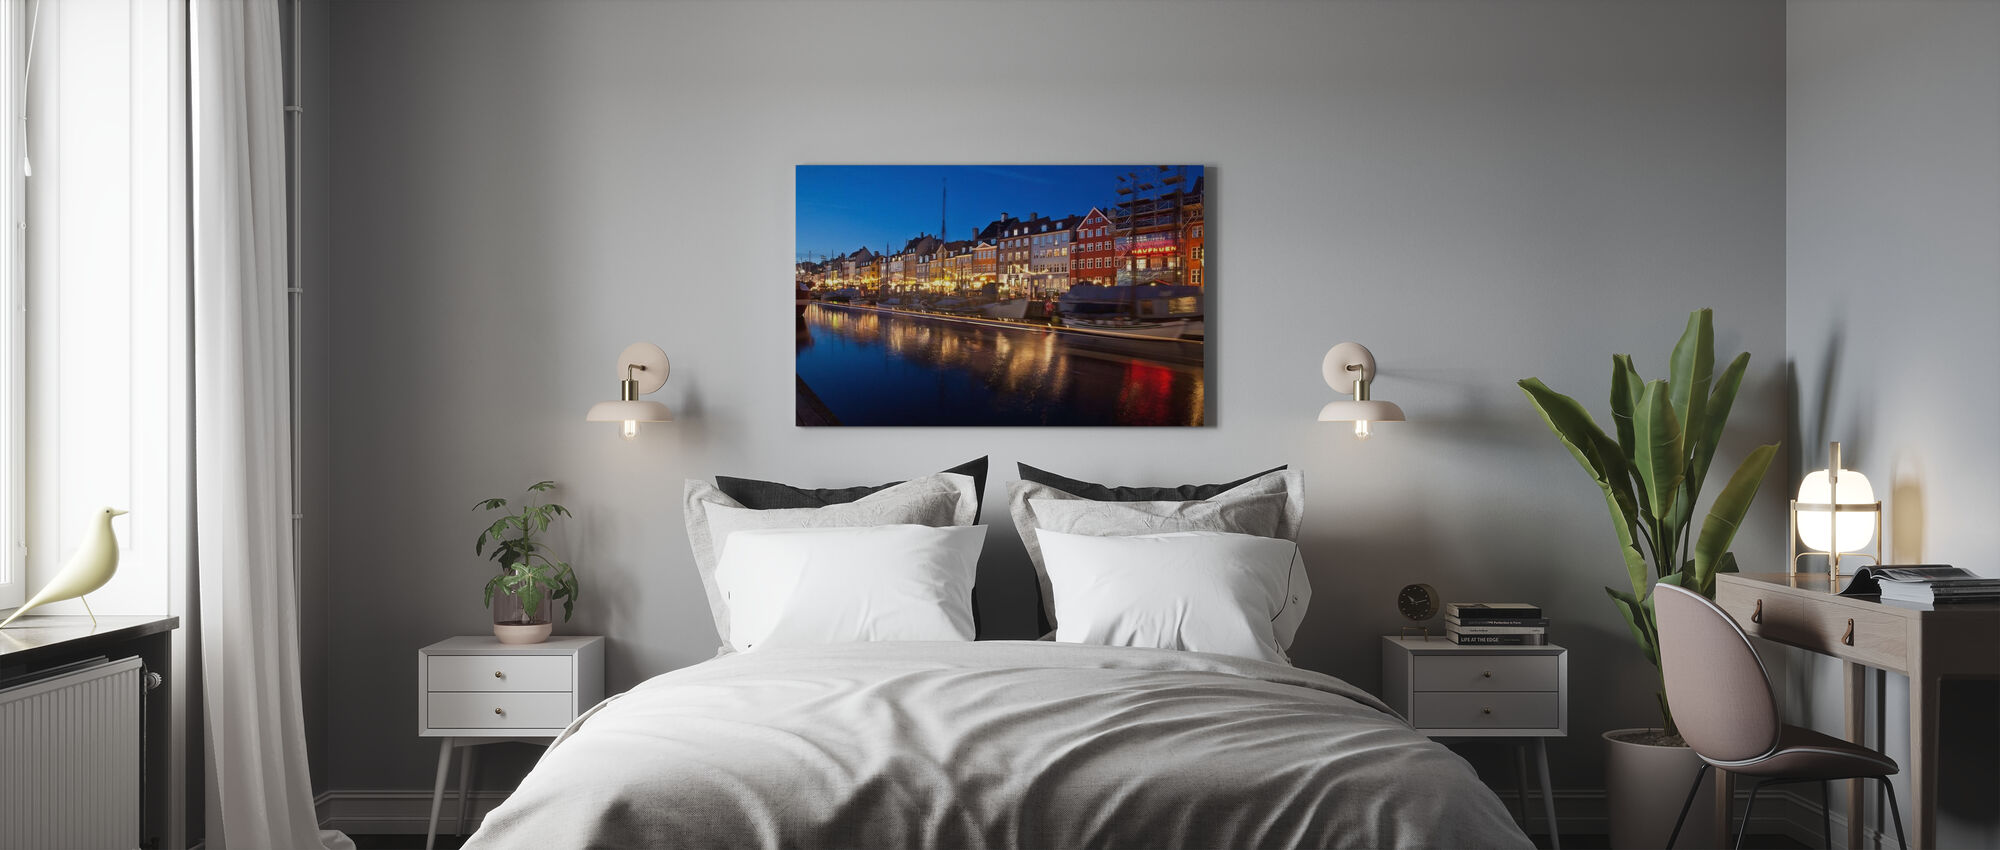 Night in Nyhavn, Copenhagen, Denmark - Canvas print - Bedroom